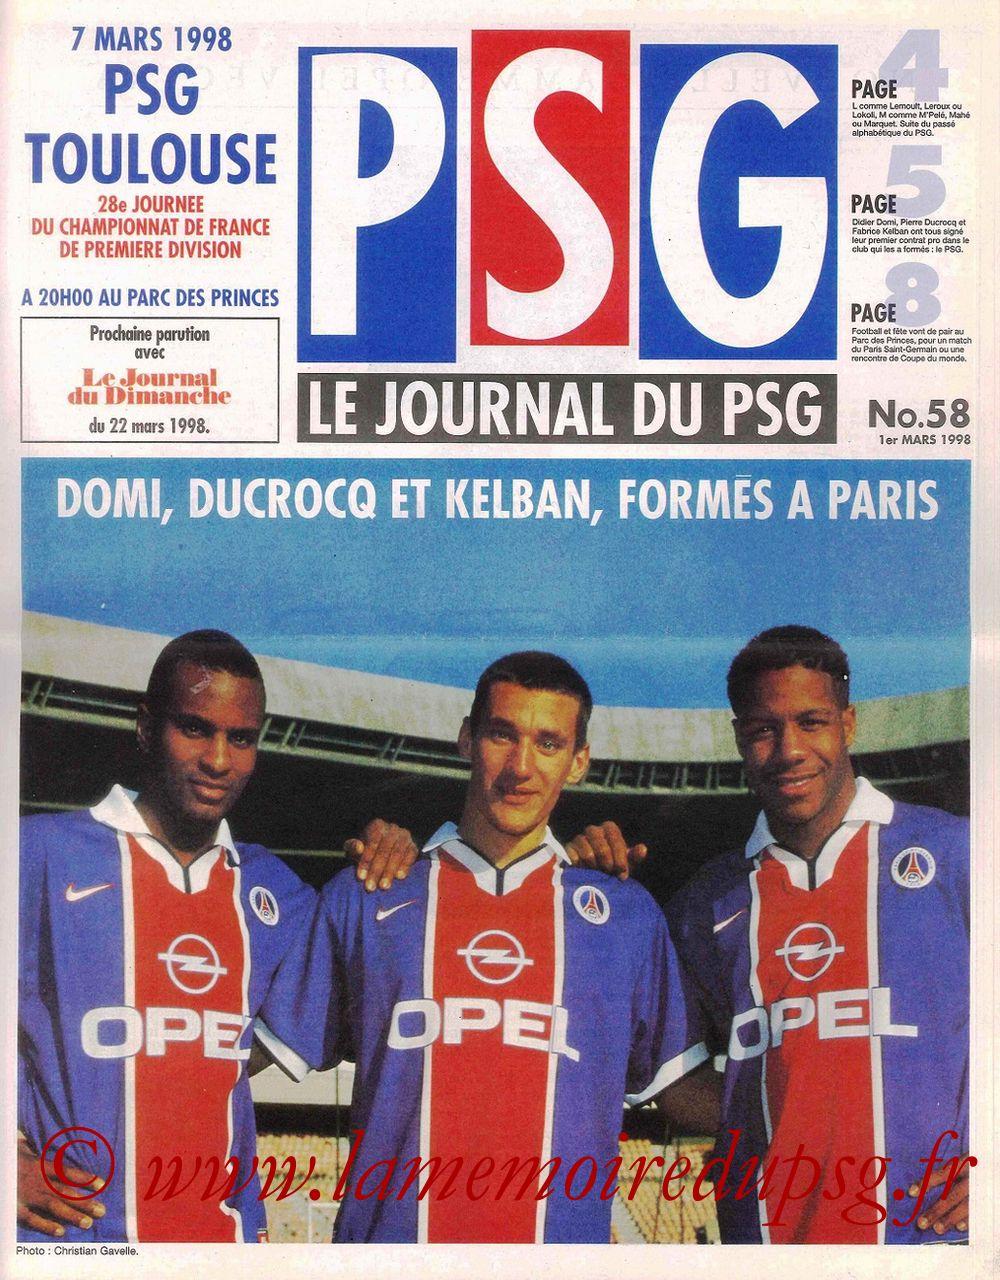 1998-03-07  PSG-Toulouse (28ème D1, Le Journal du PSG N° 58)